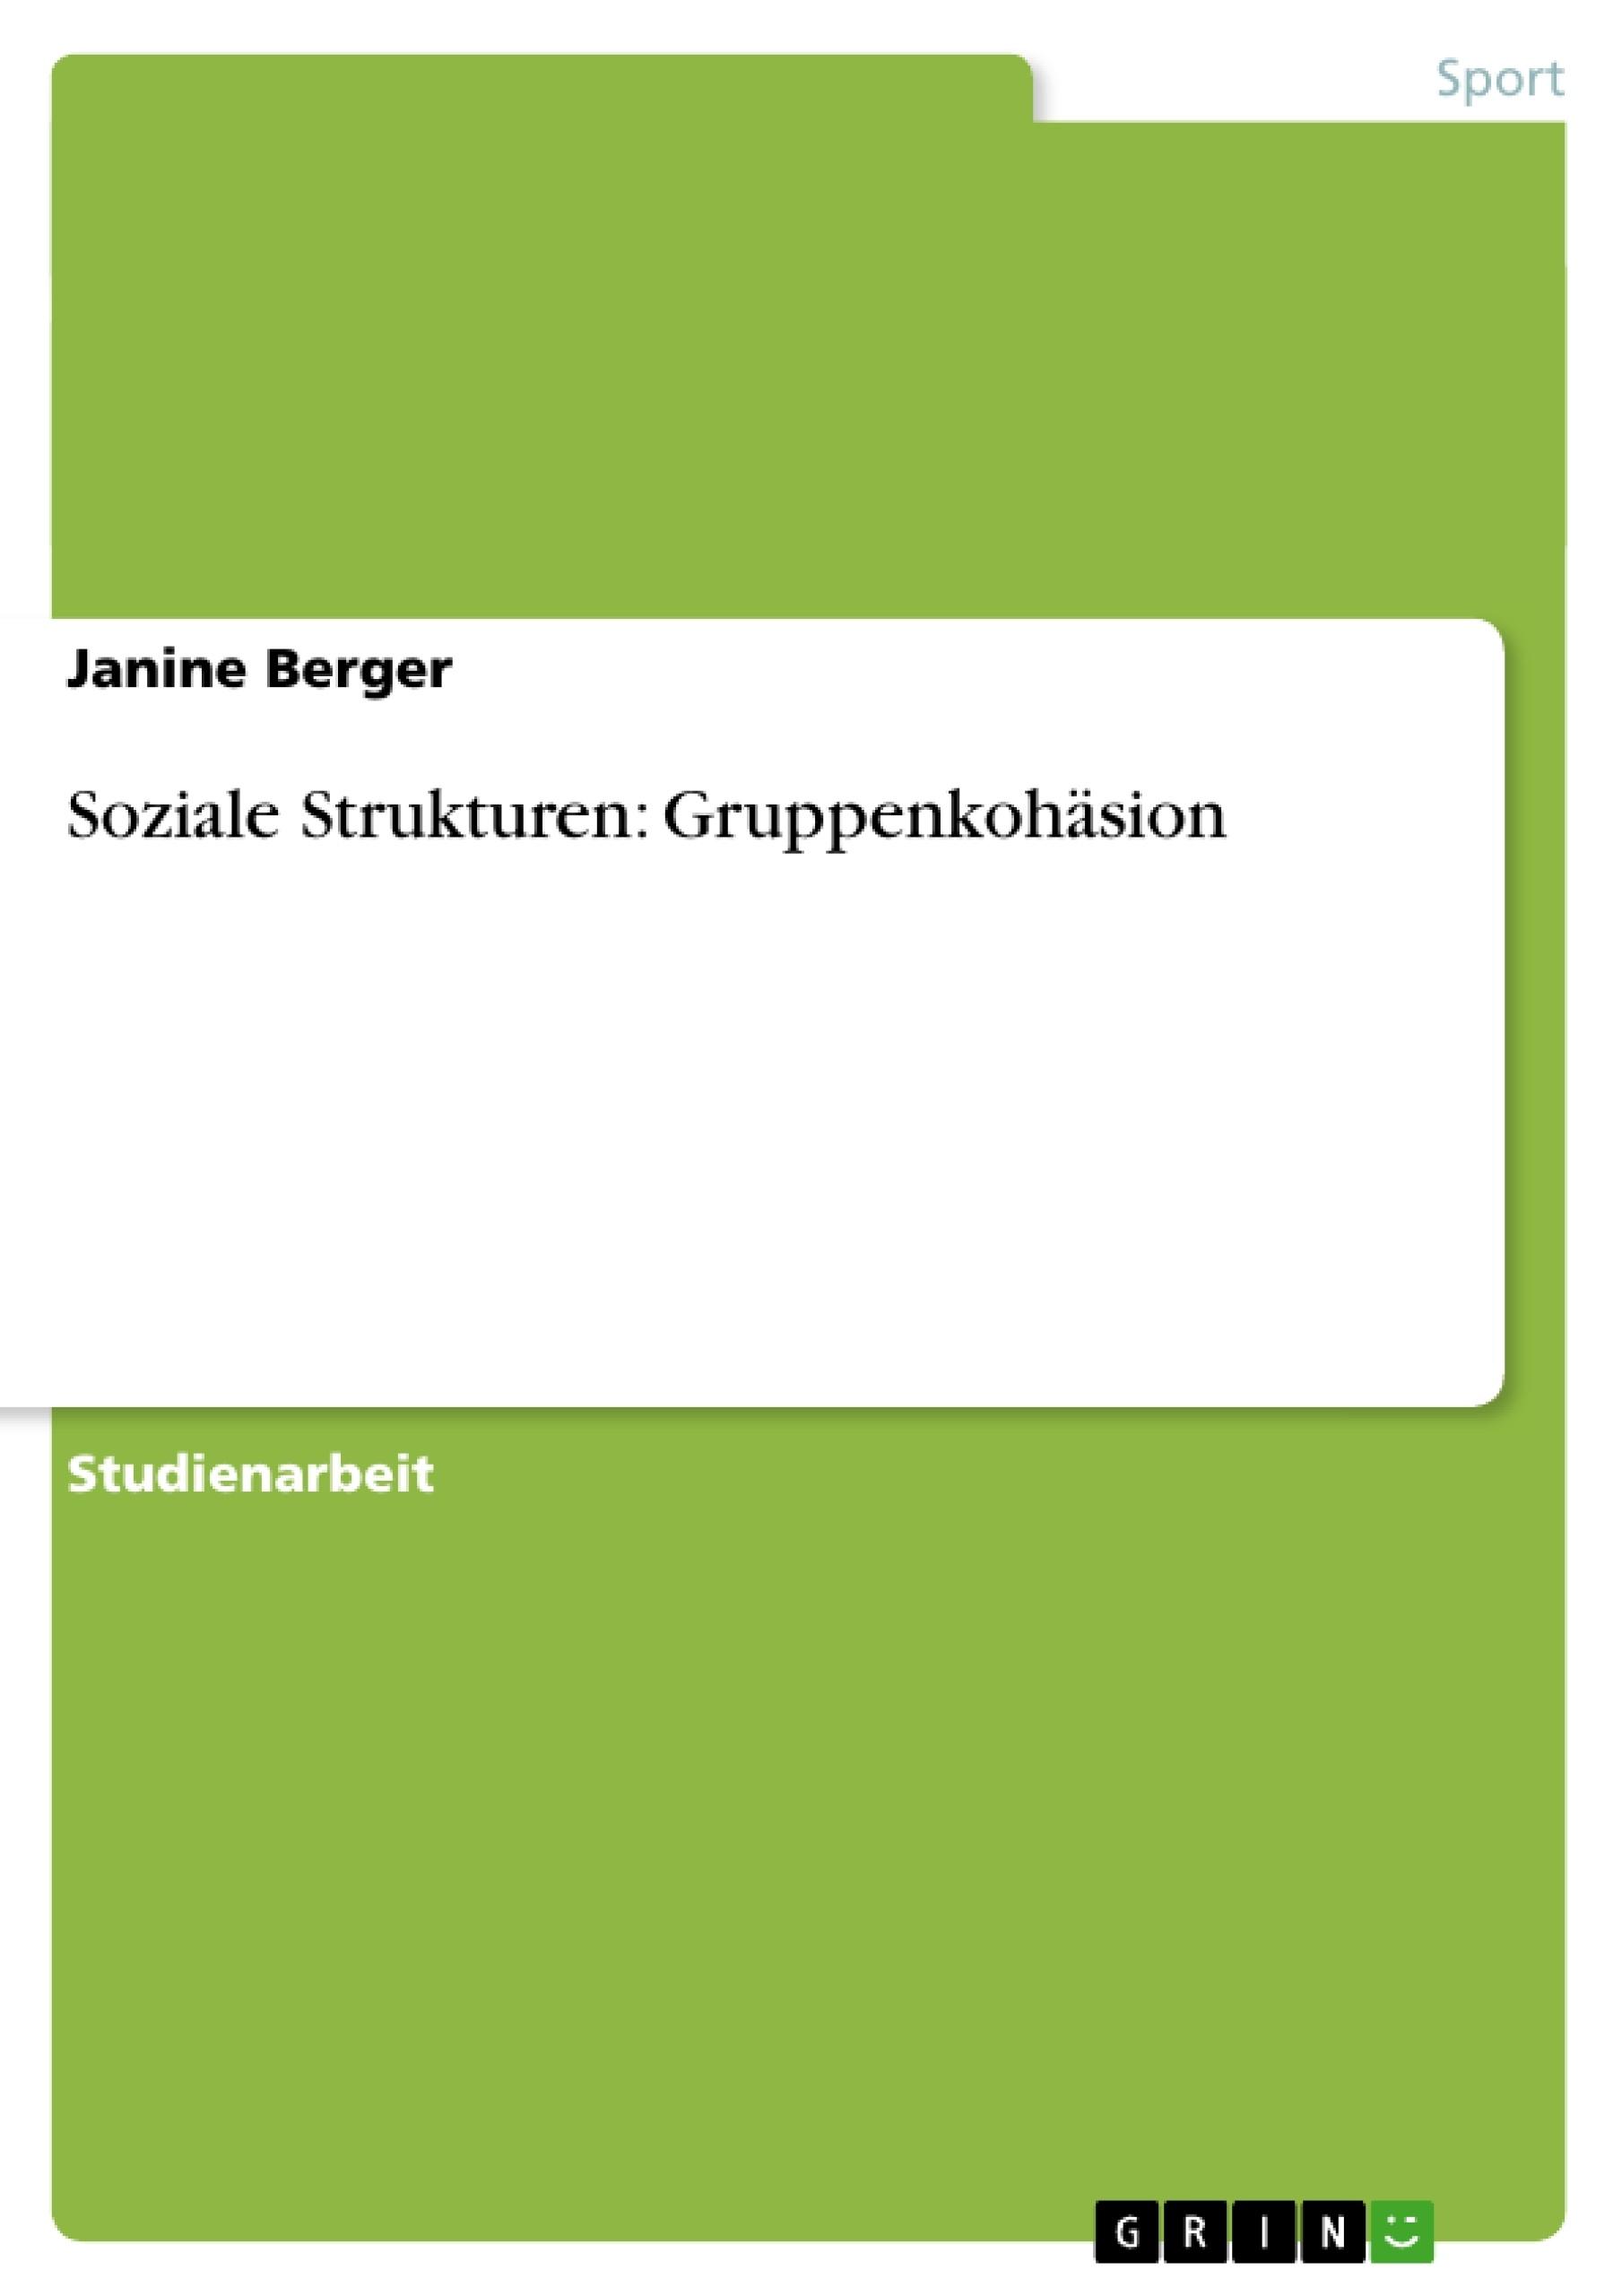 Titel: Soziale Strukturen: Gruppenkohäsion